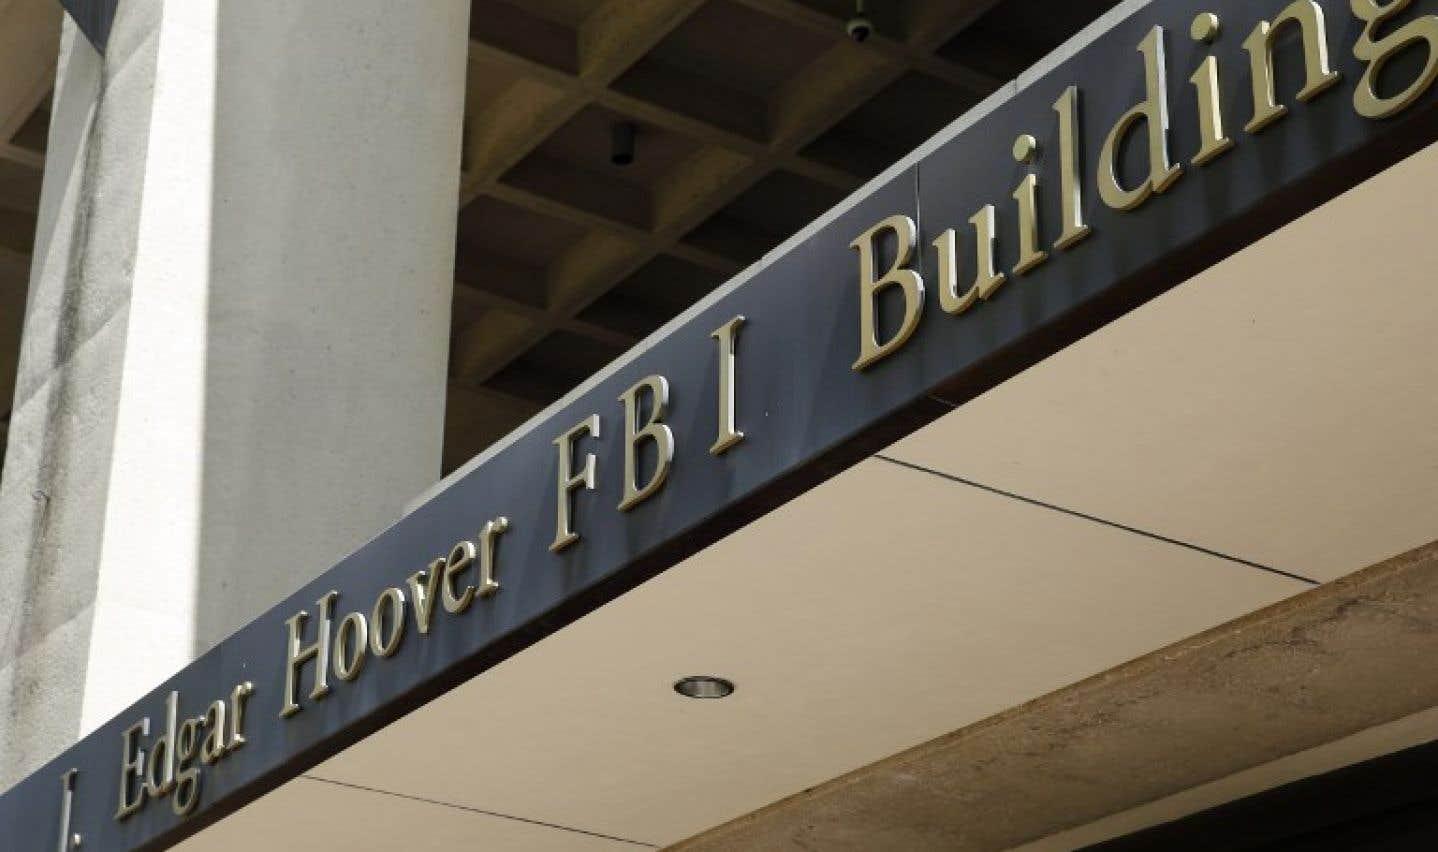 Le FBI, bouc émissaire ou organisme à réformer?